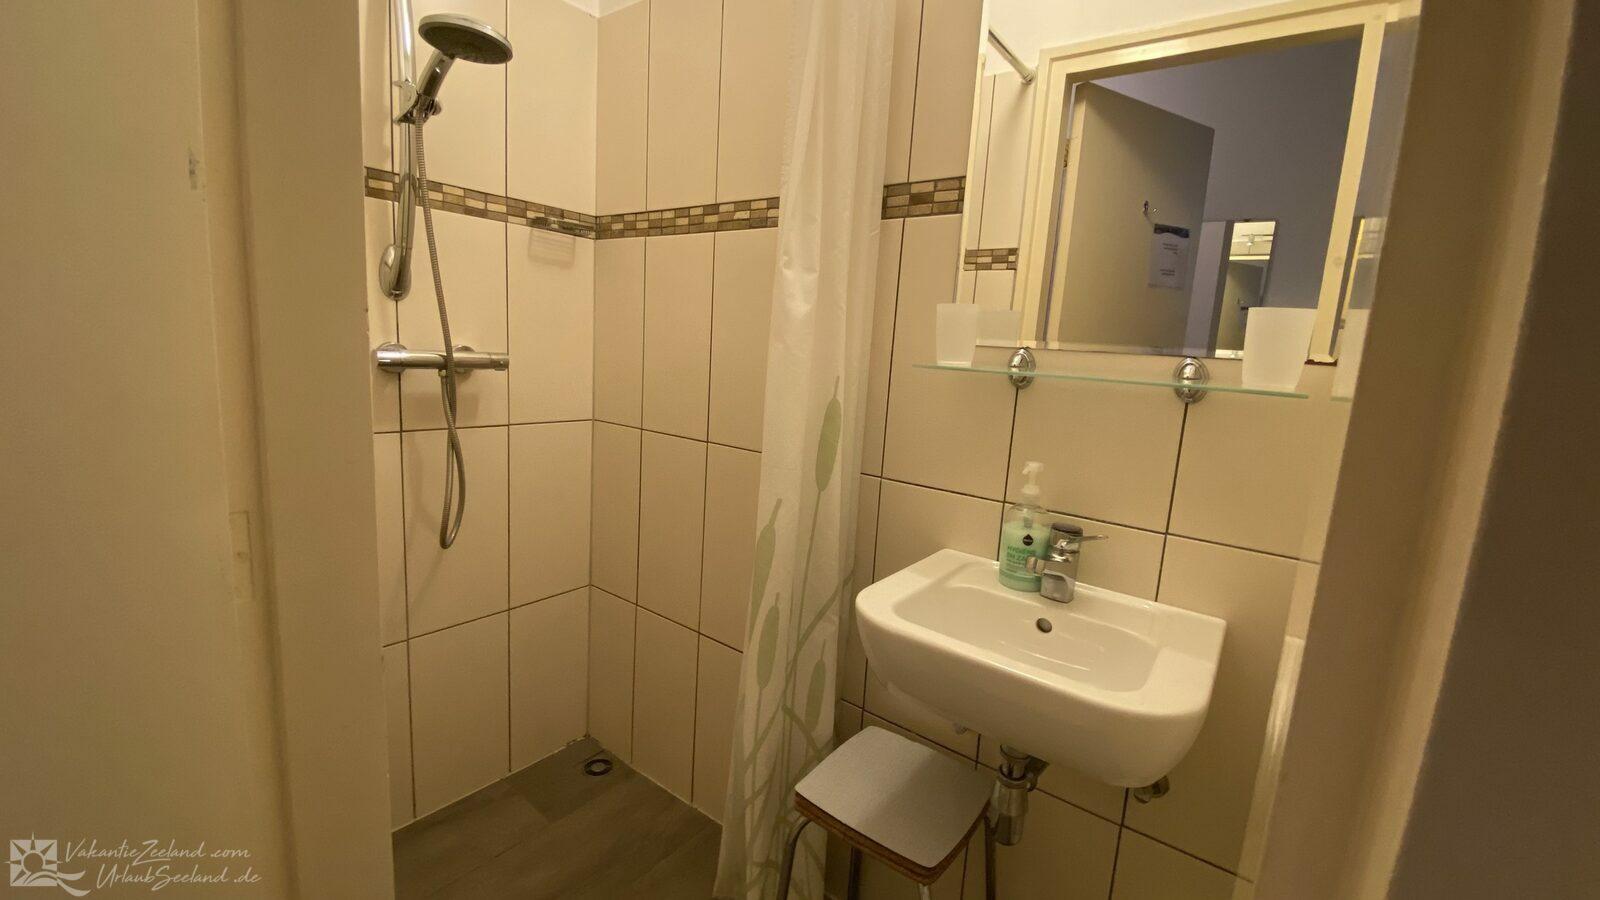 VZ363 Appartement Cadzand